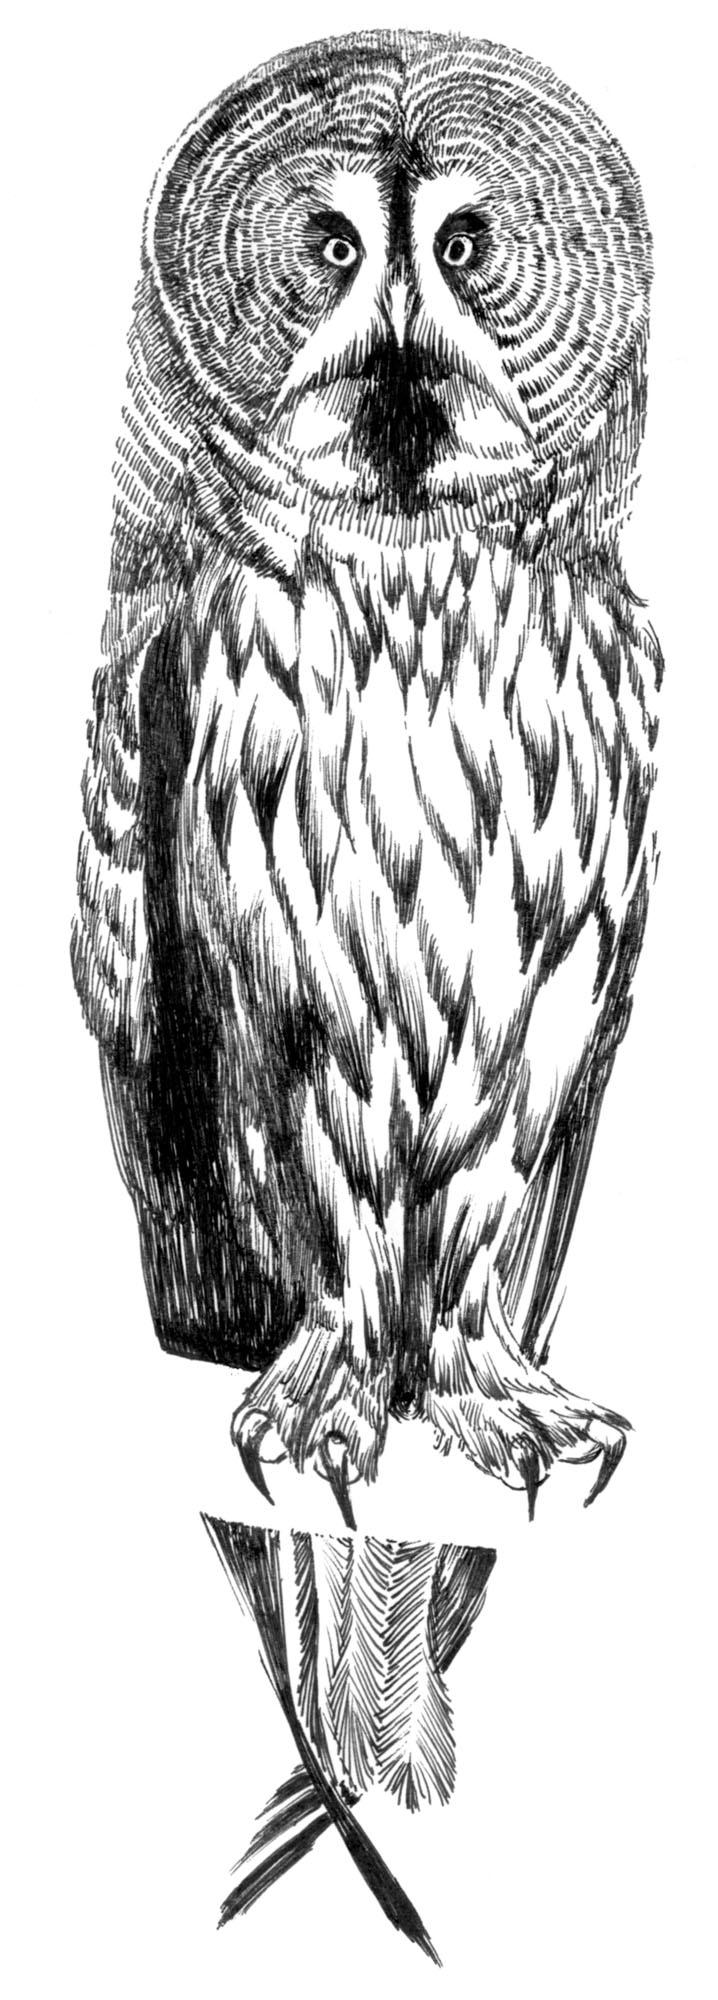 カラフトフクロウ